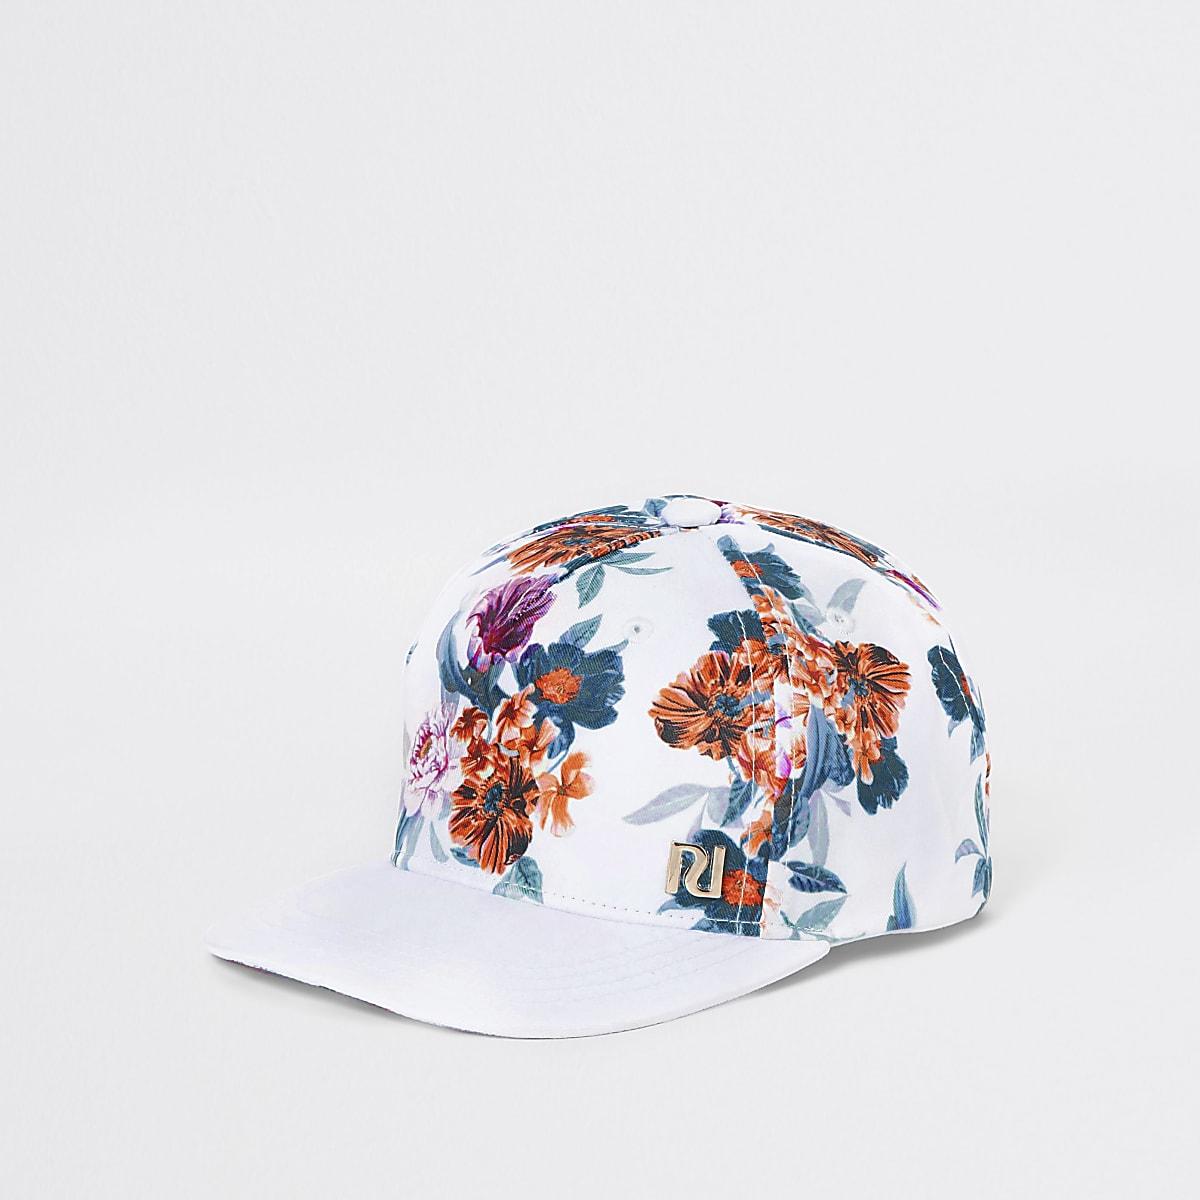 Weiße Kappe mit tropischem Motiv